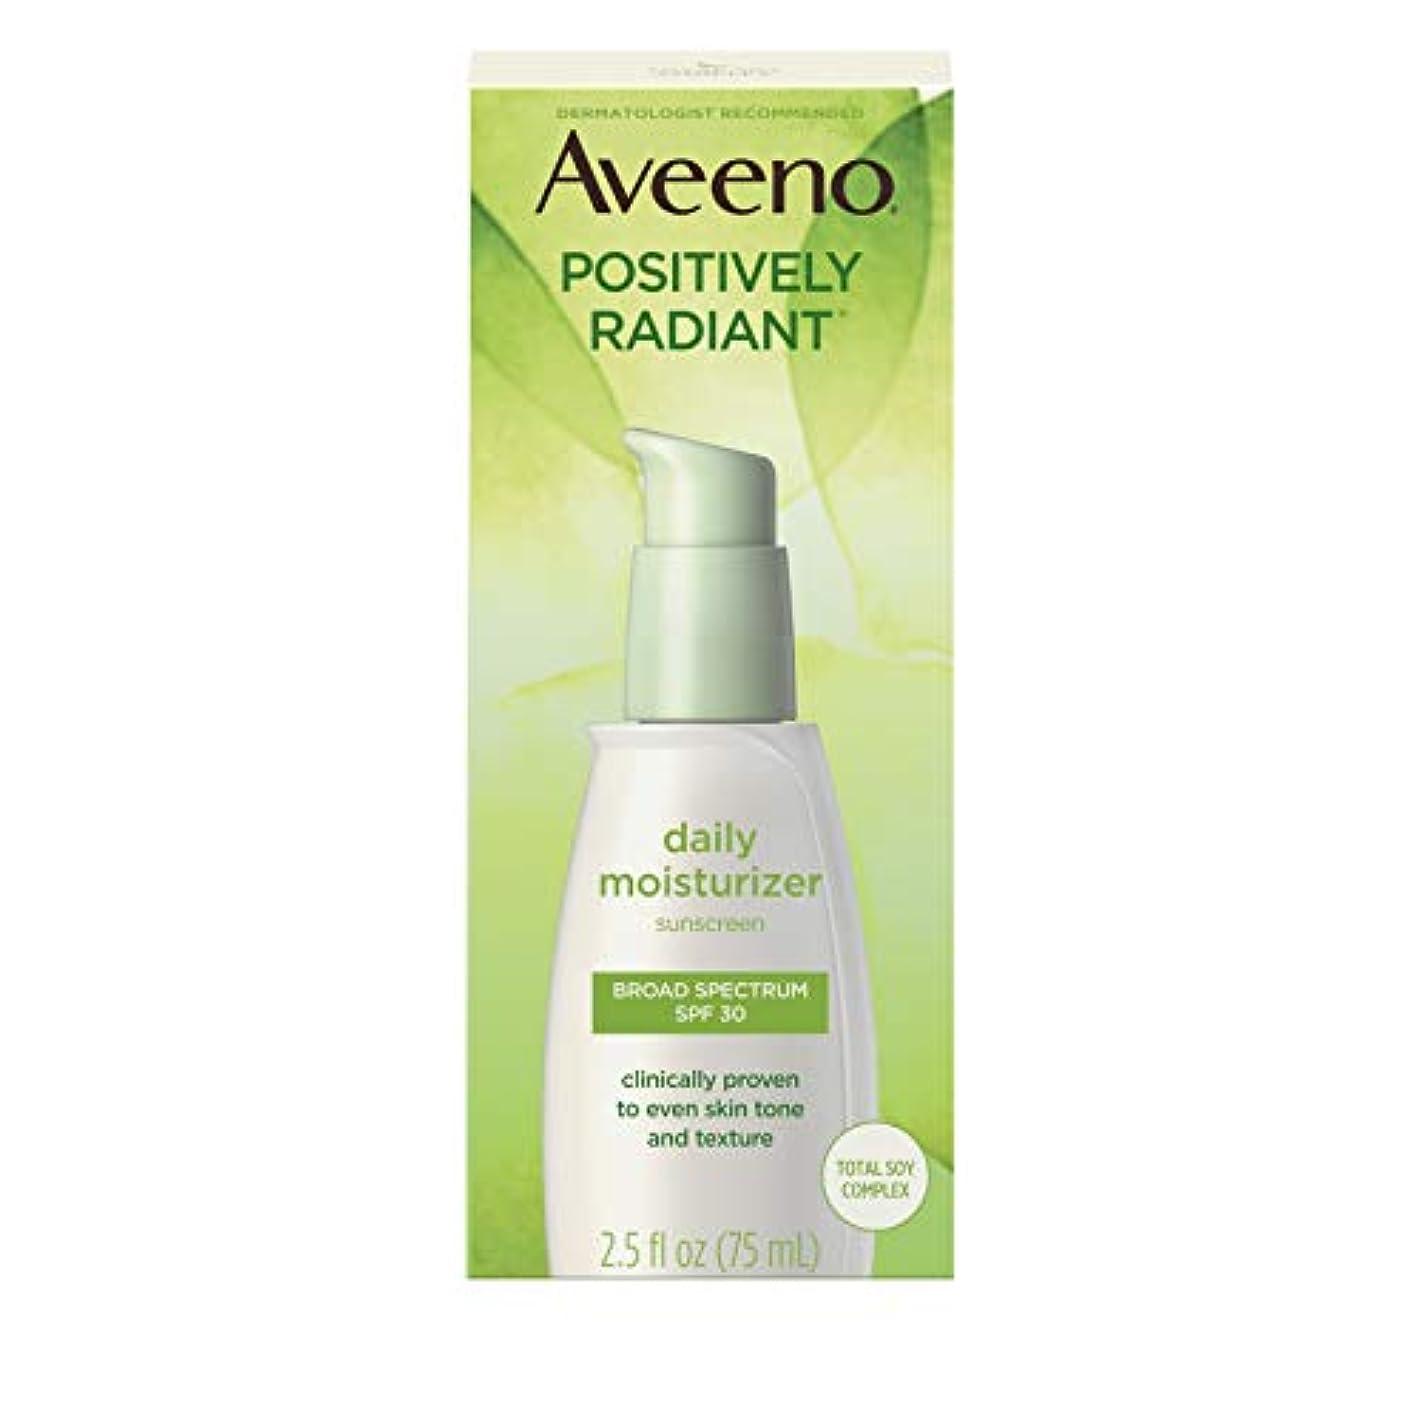 シートレッドデートフレアAveeno Active Naturals Positively Radiant Daily Moisturizer SPF-30 UVA/UVB Sunscreen 73 ml